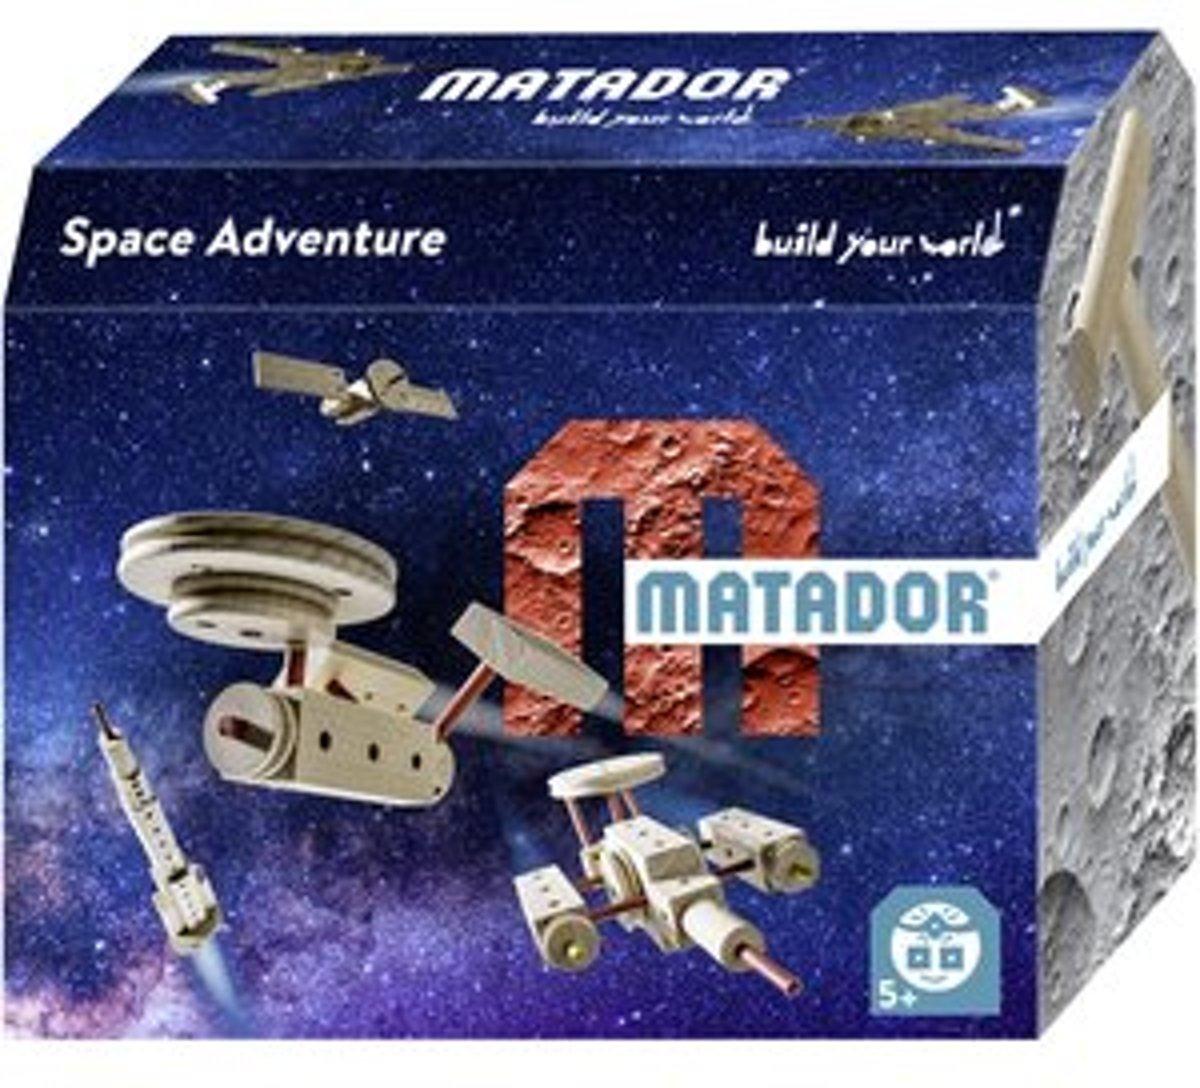 Matador Explorer 5+ Ruimteschepen Bouwdoos